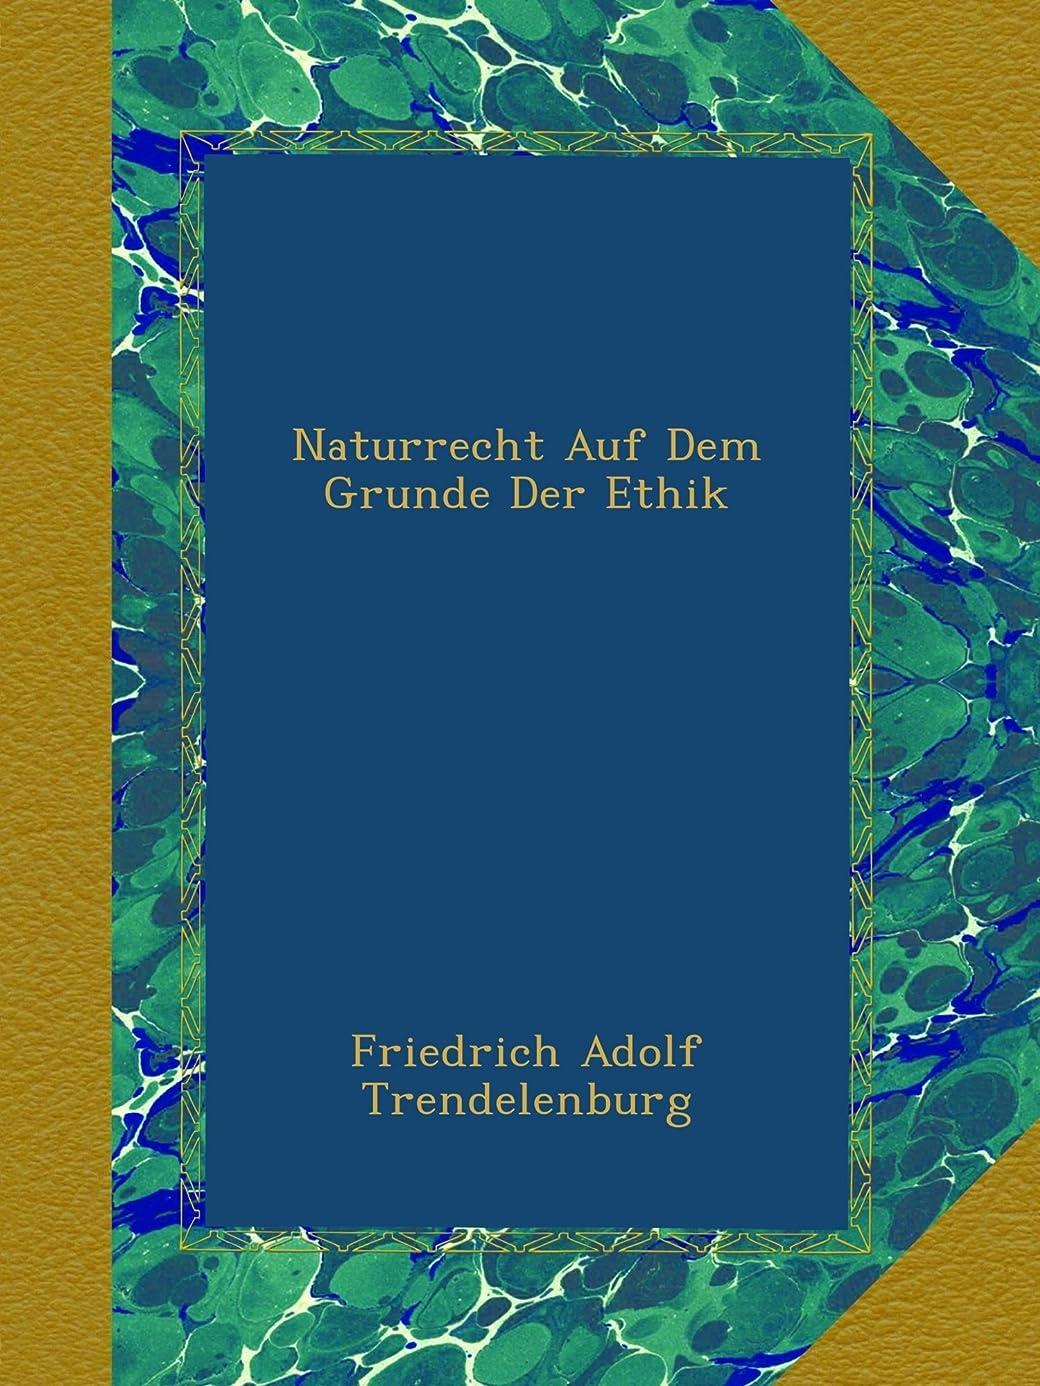 膨らませるめまい奇跡的なNaturrecht Auf Dem Grunde Der Ethik